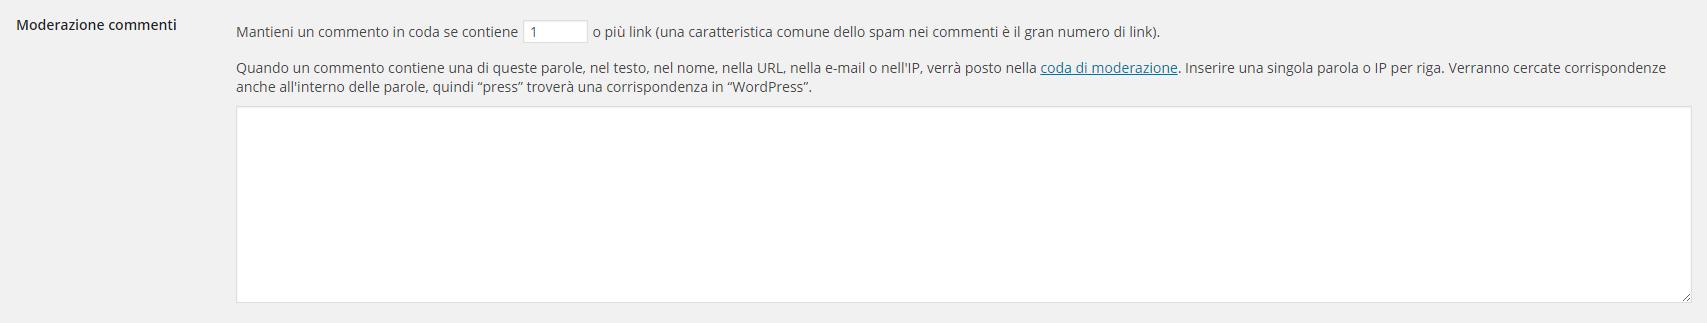 moderazione-commento-backlink